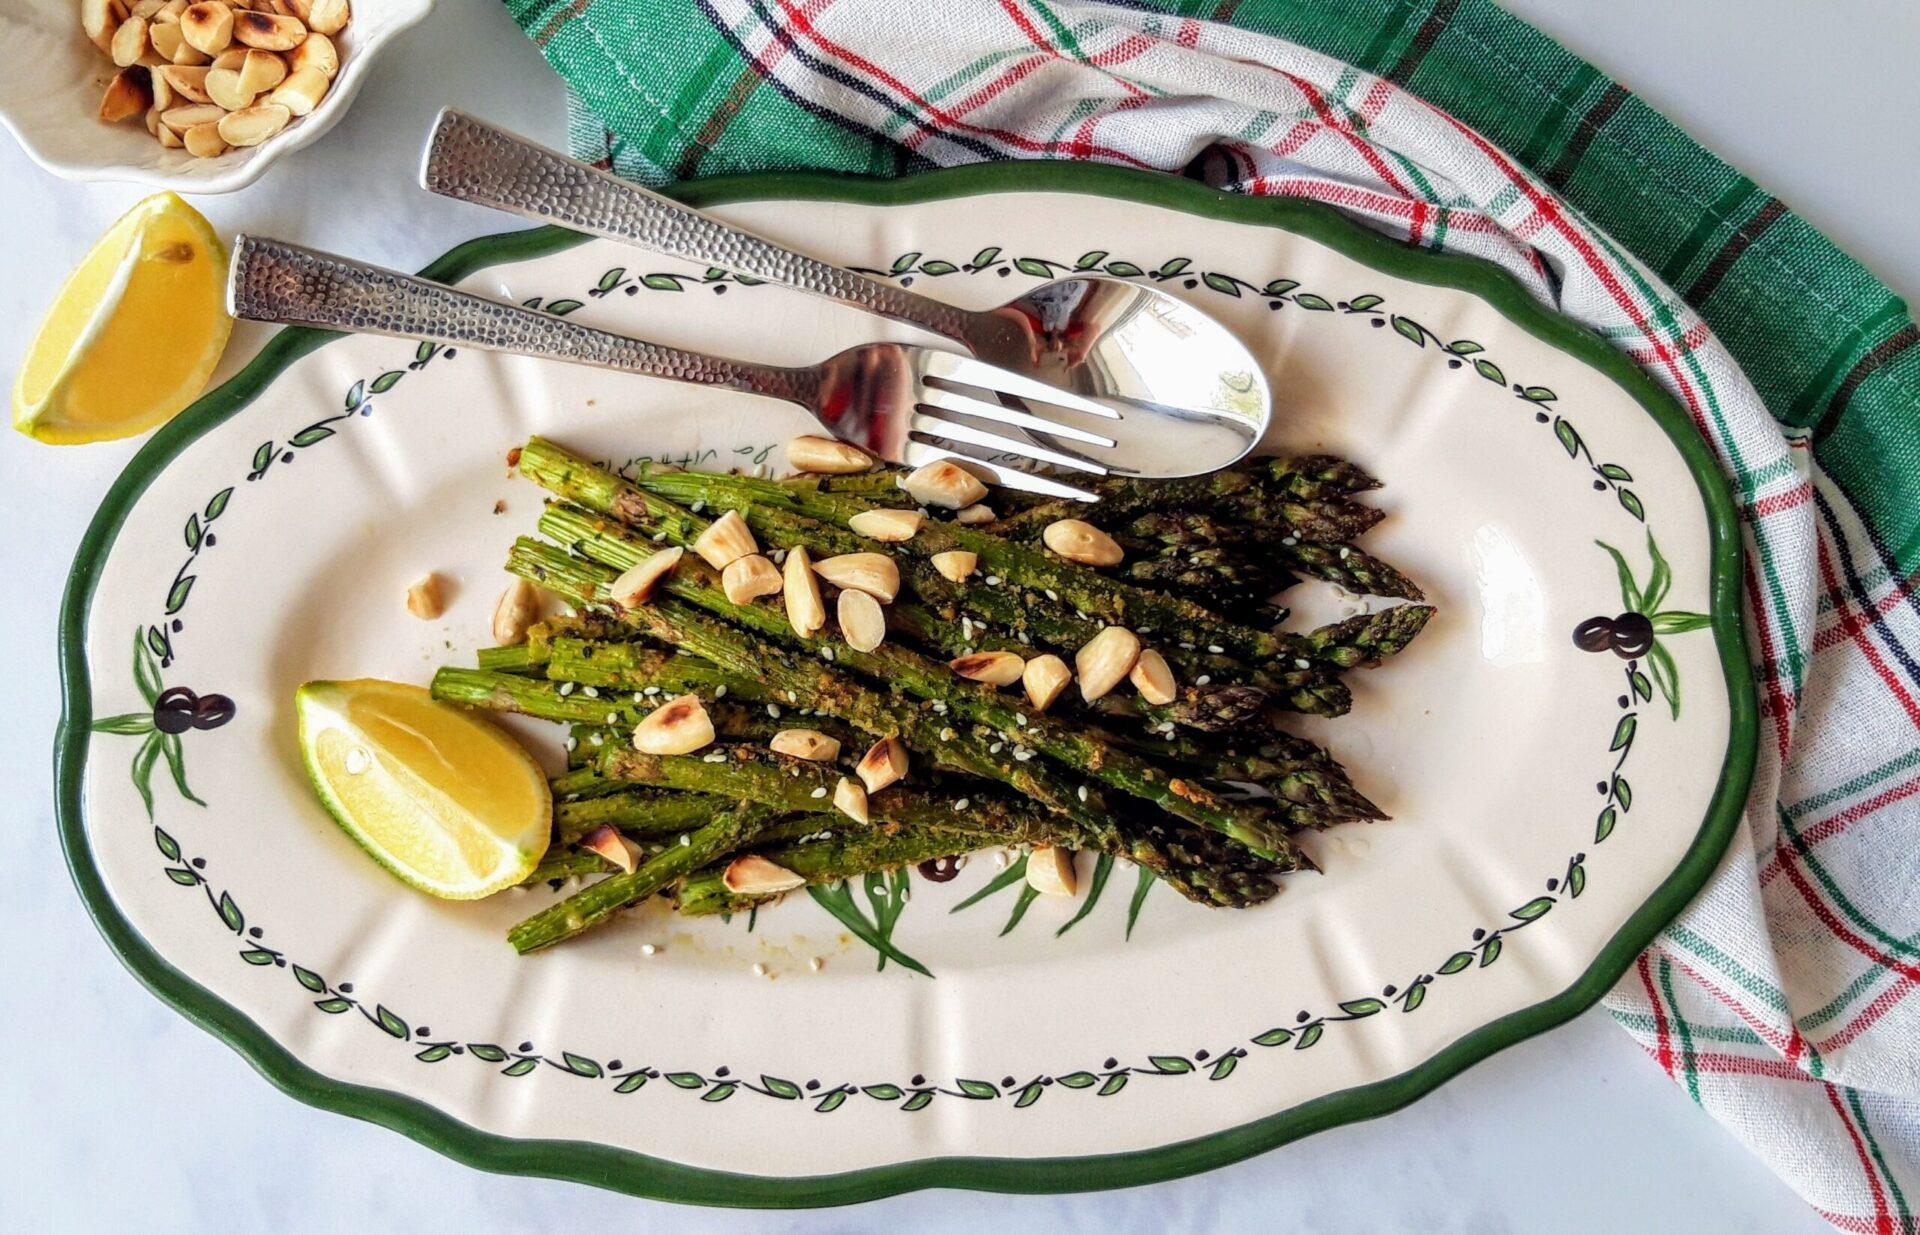 Σαλάτα με ψητά σπαράγγια και αμύγδαλα